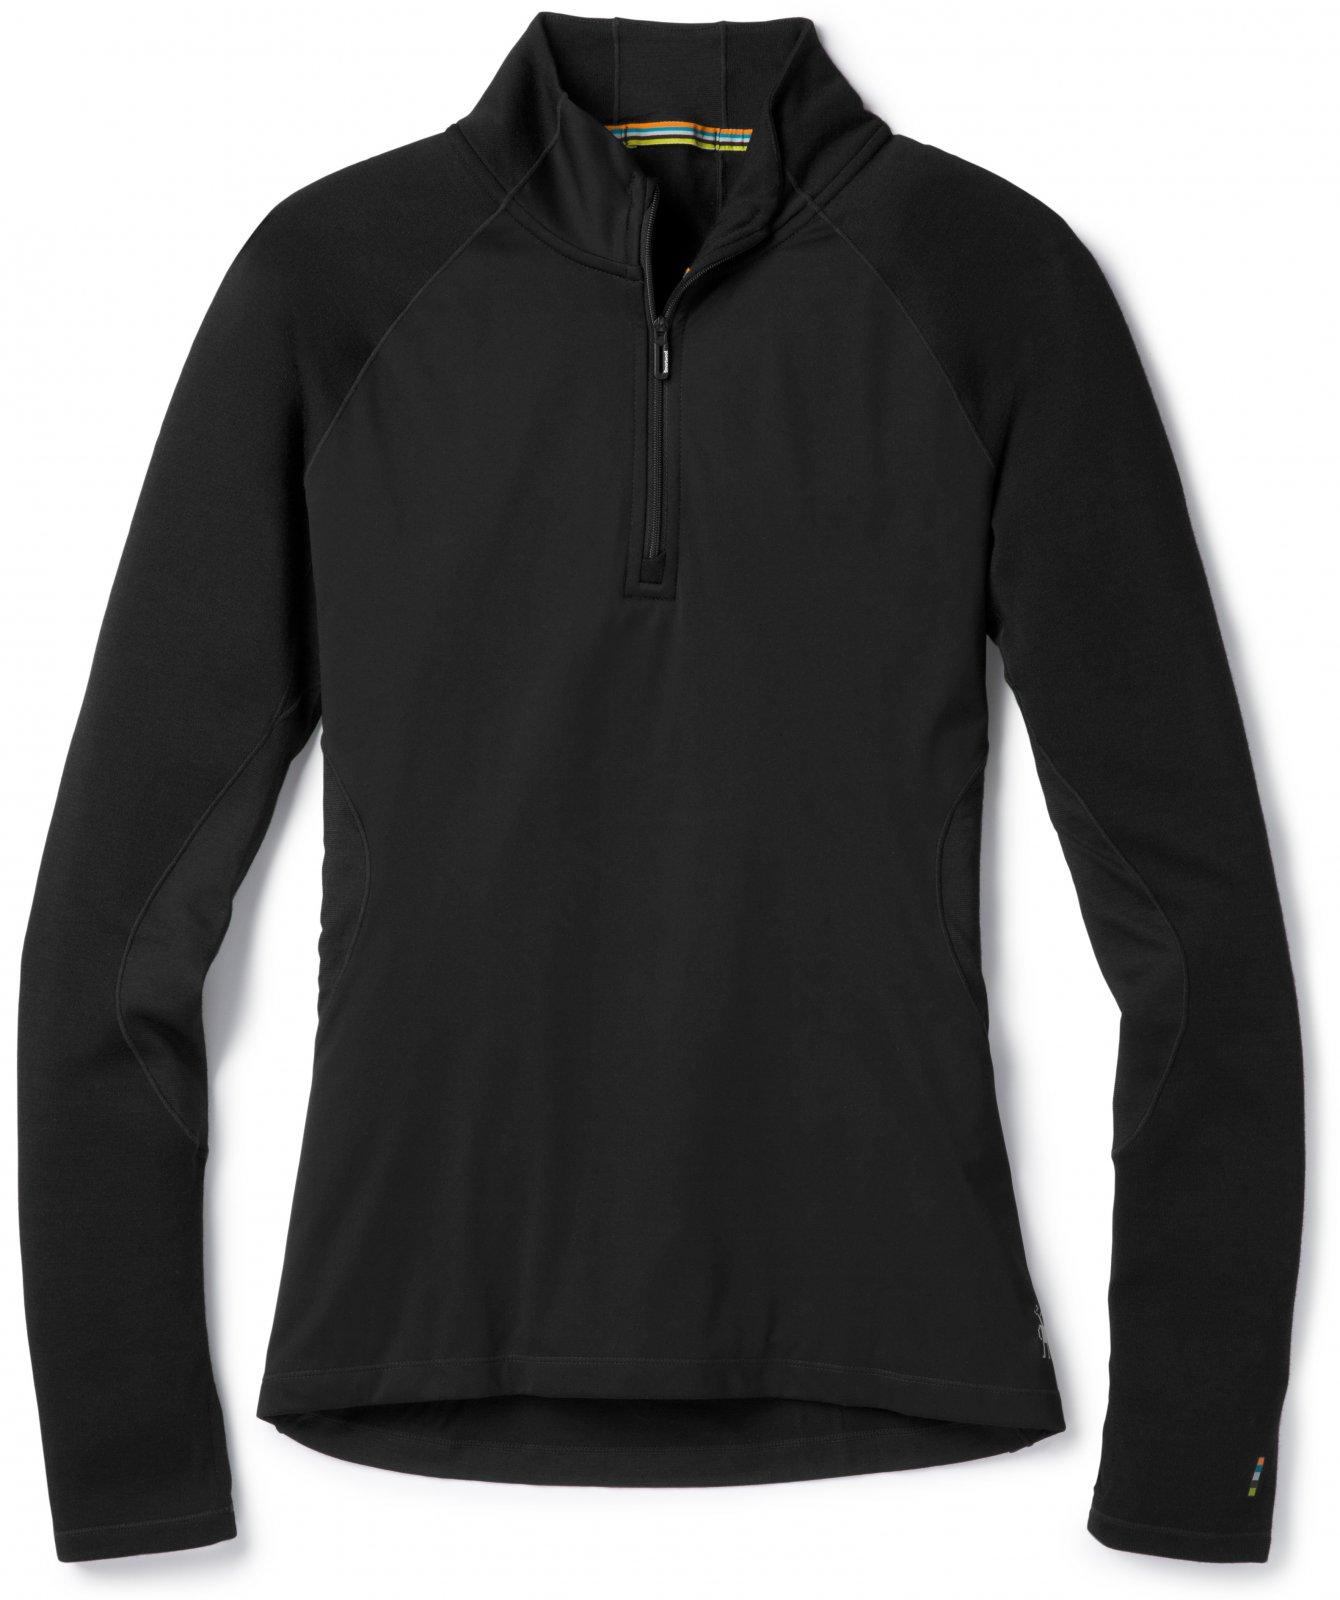 Smartwool Women's PhD Light Wind Zip T-Shirt